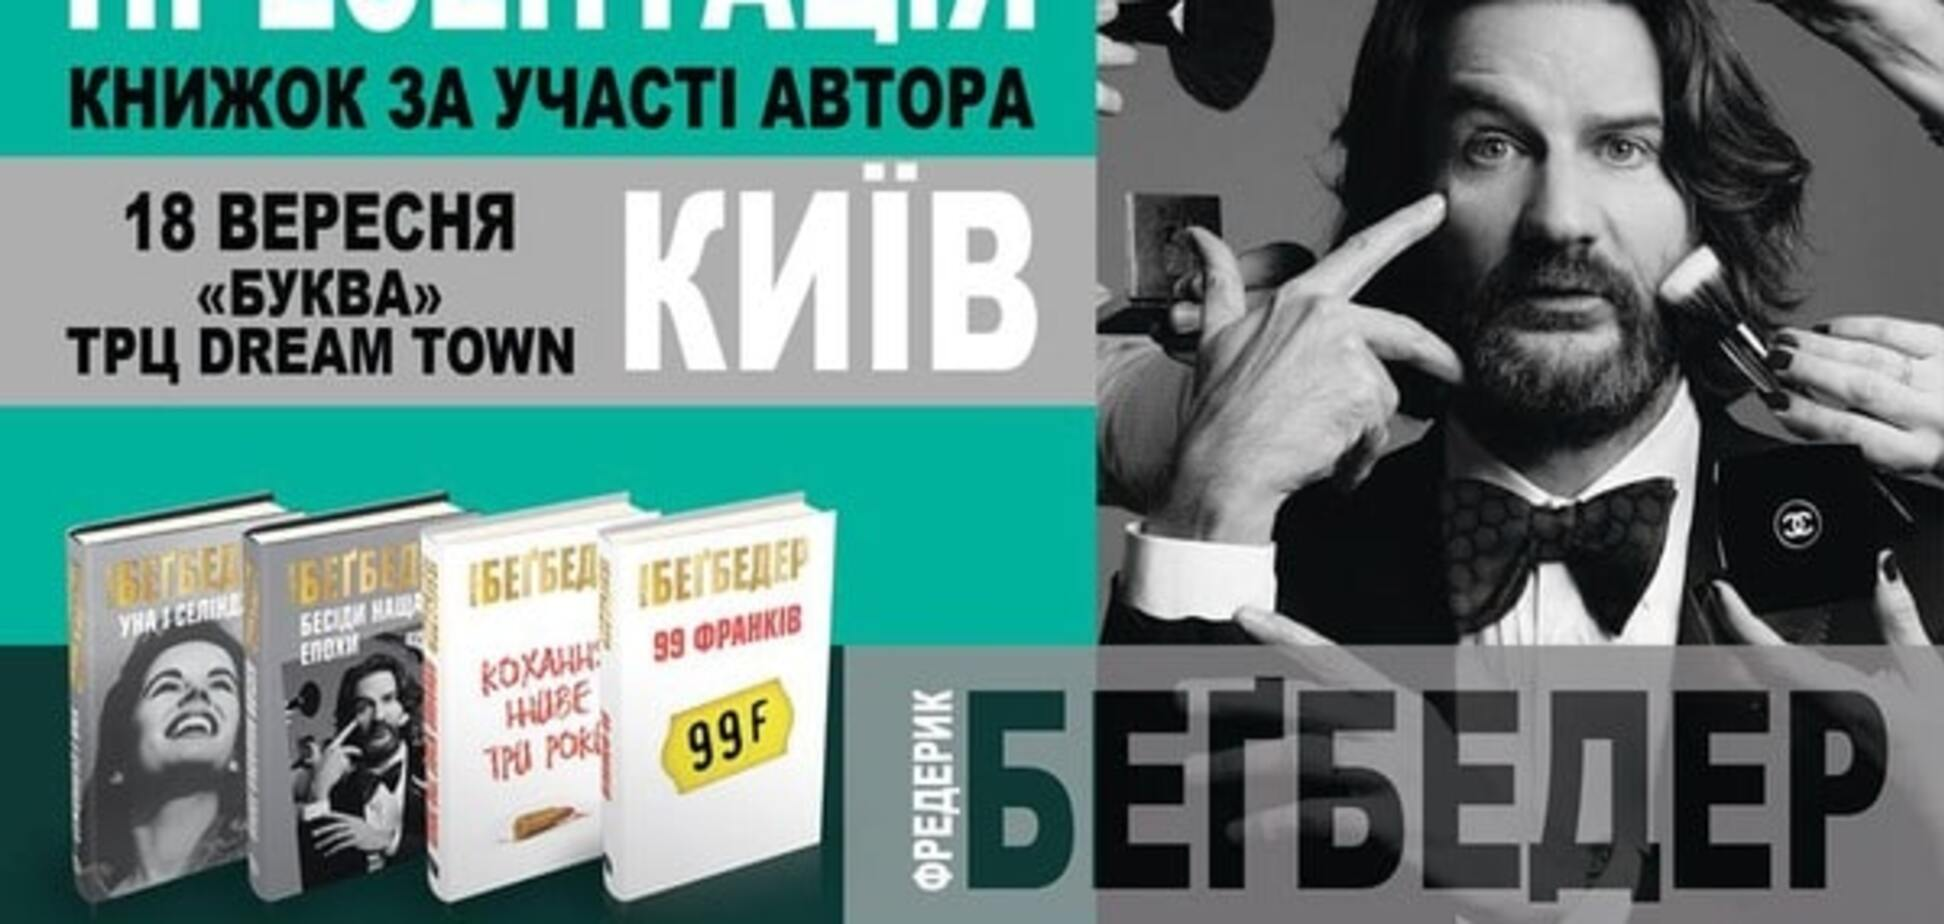 В Киеве Бегбедер презентует свои книги на украинском языке